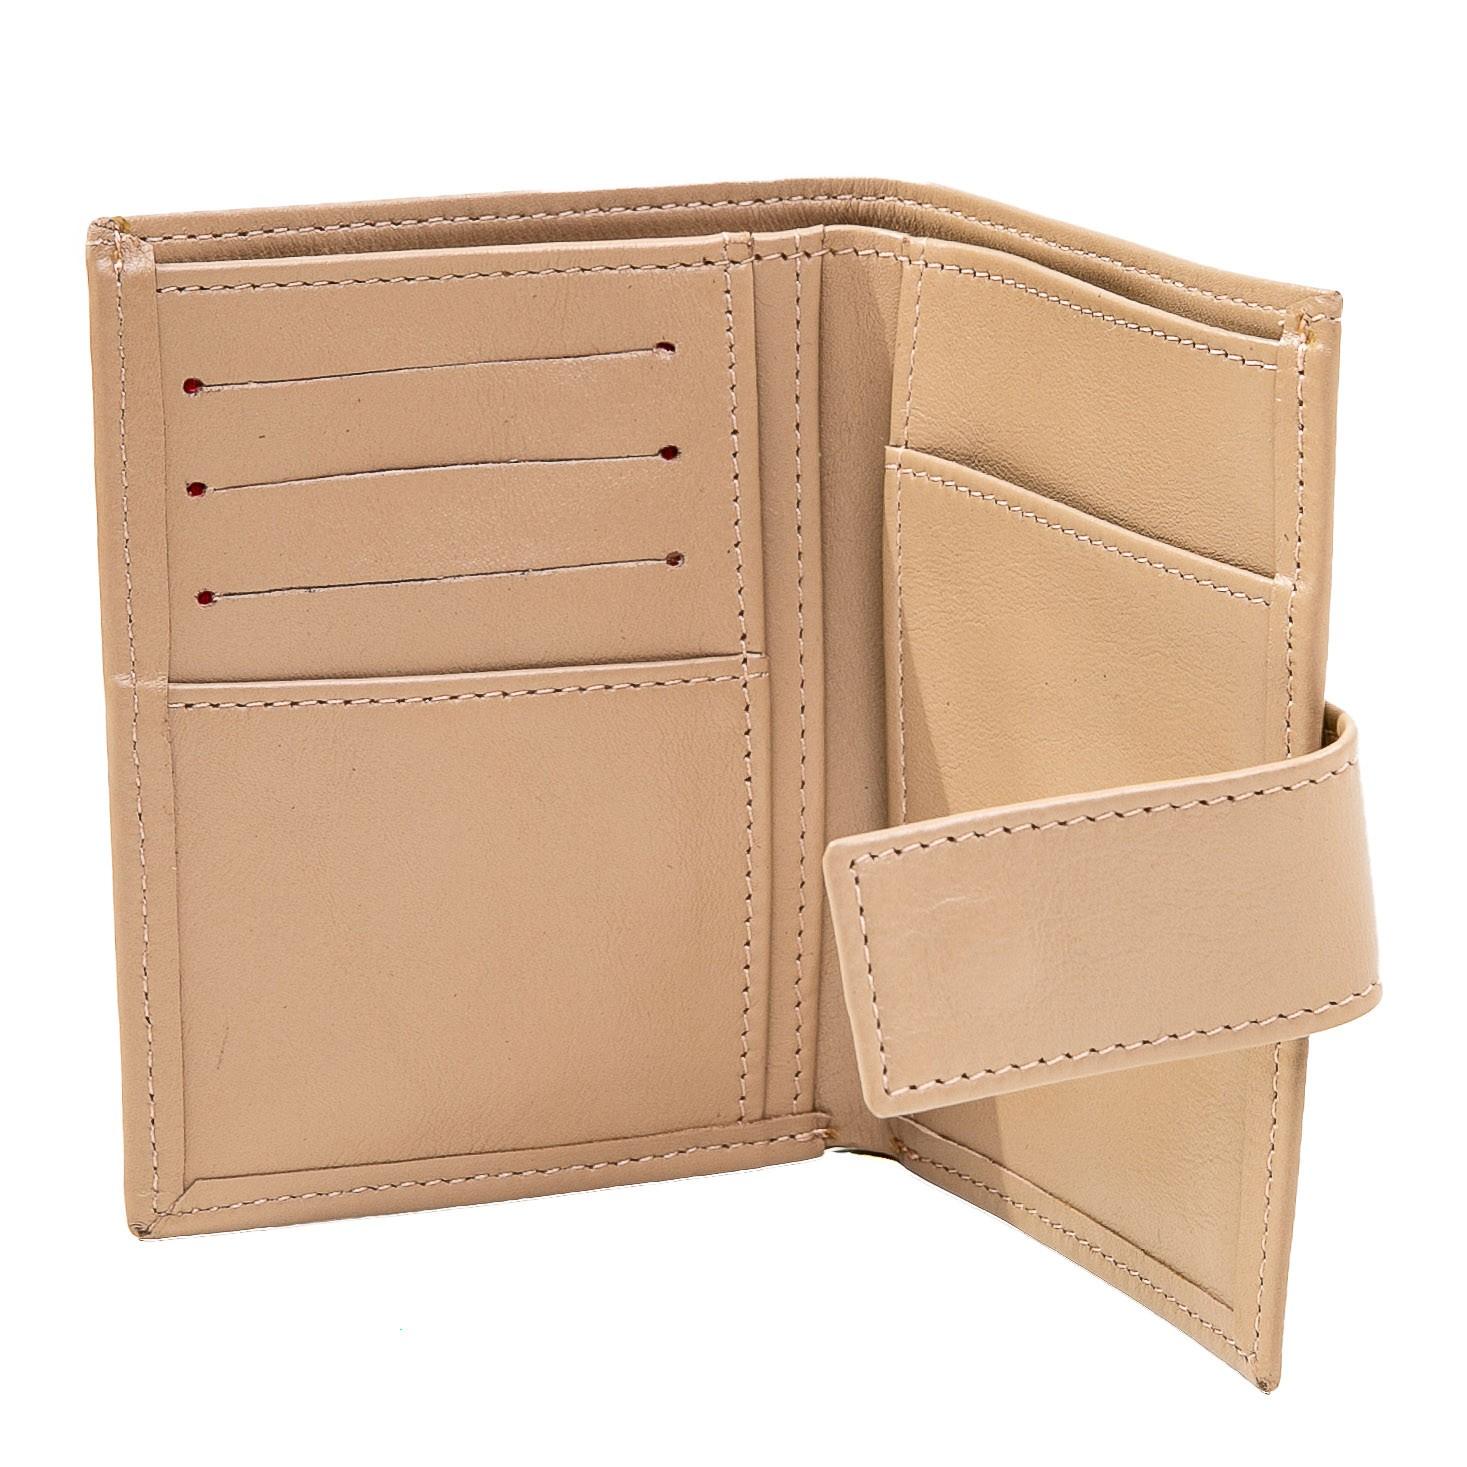 Carteira porta documentos couro liso amêndoa